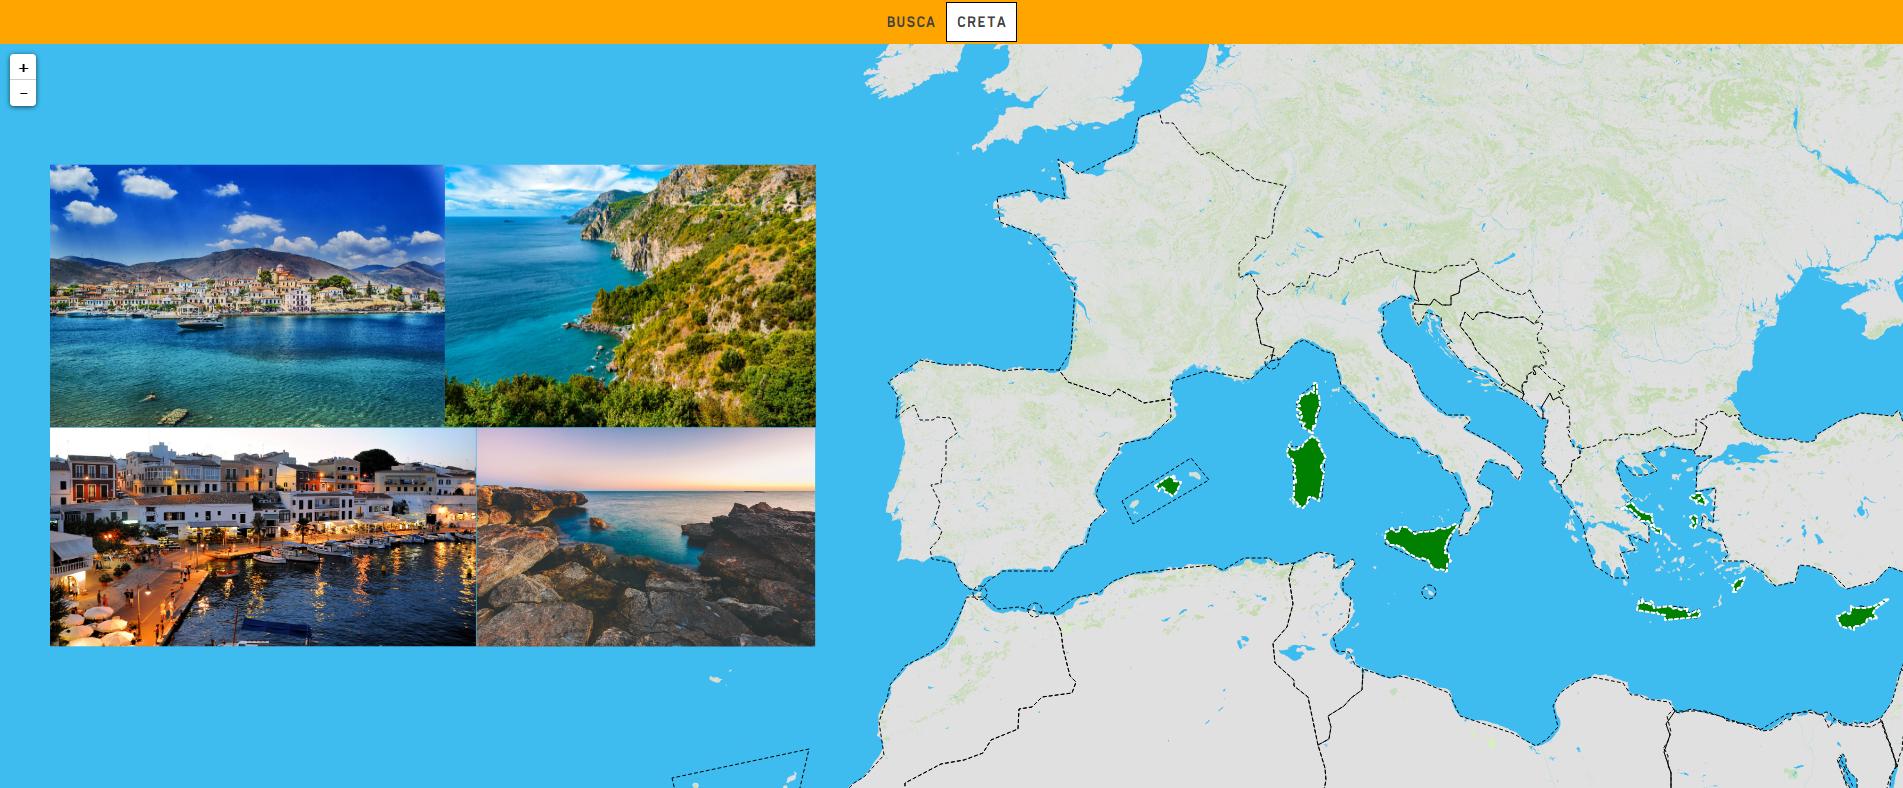 Mediterraneo itsasoa: uharteak